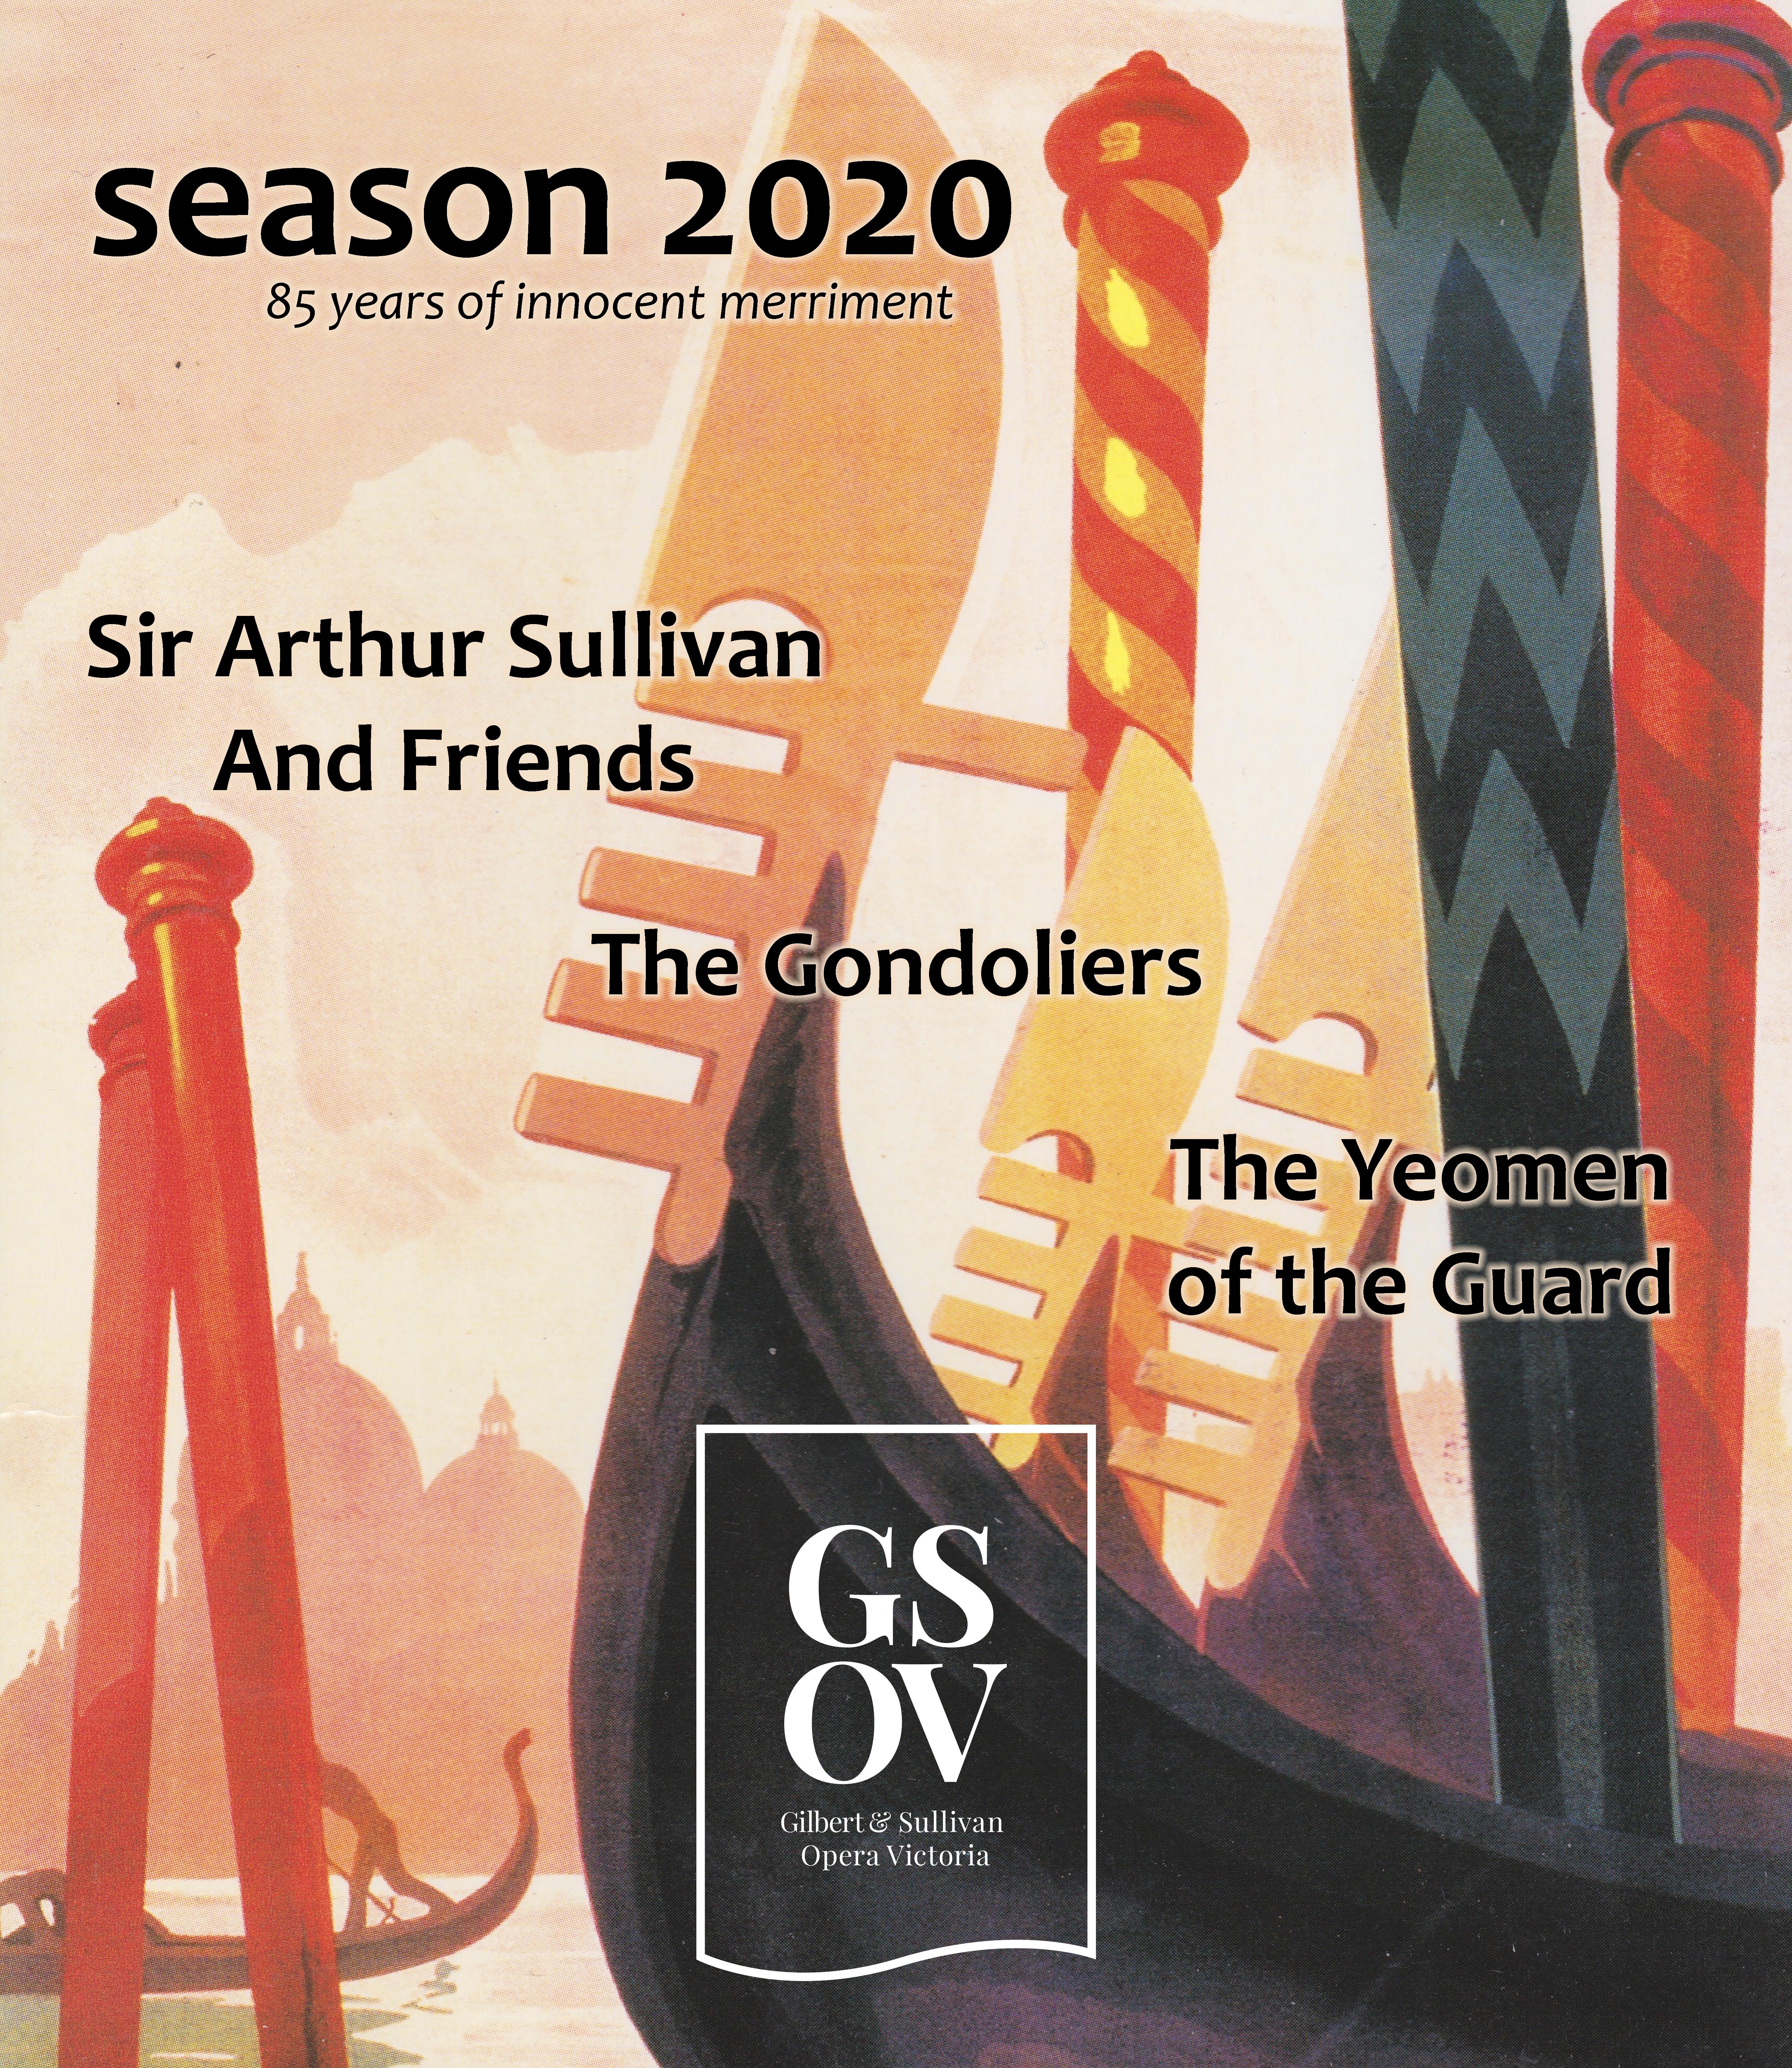 Season 2020 ~ Gilbert & Sullivan Opera Victoria